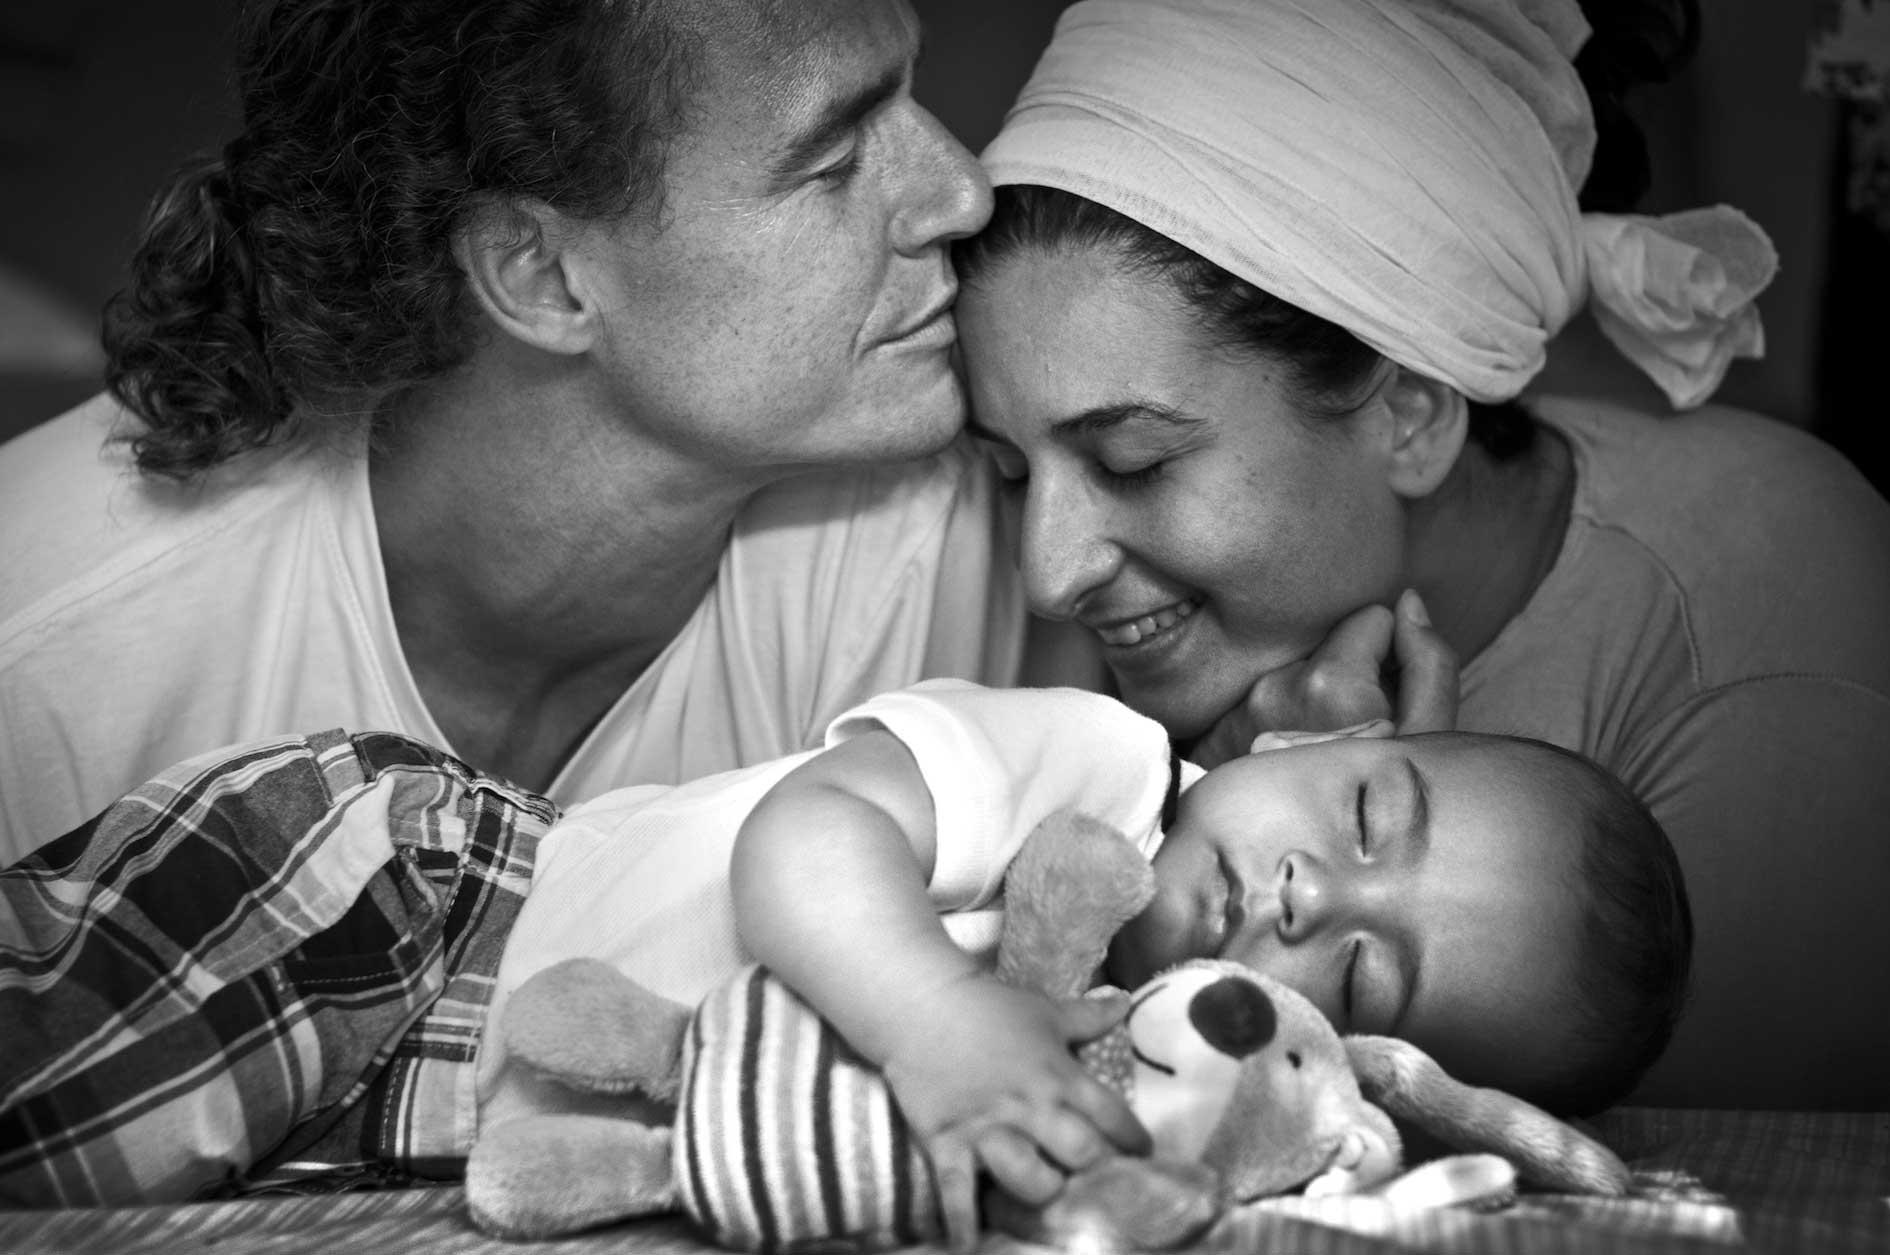 Franz-Family-ph-Haim-Afriat